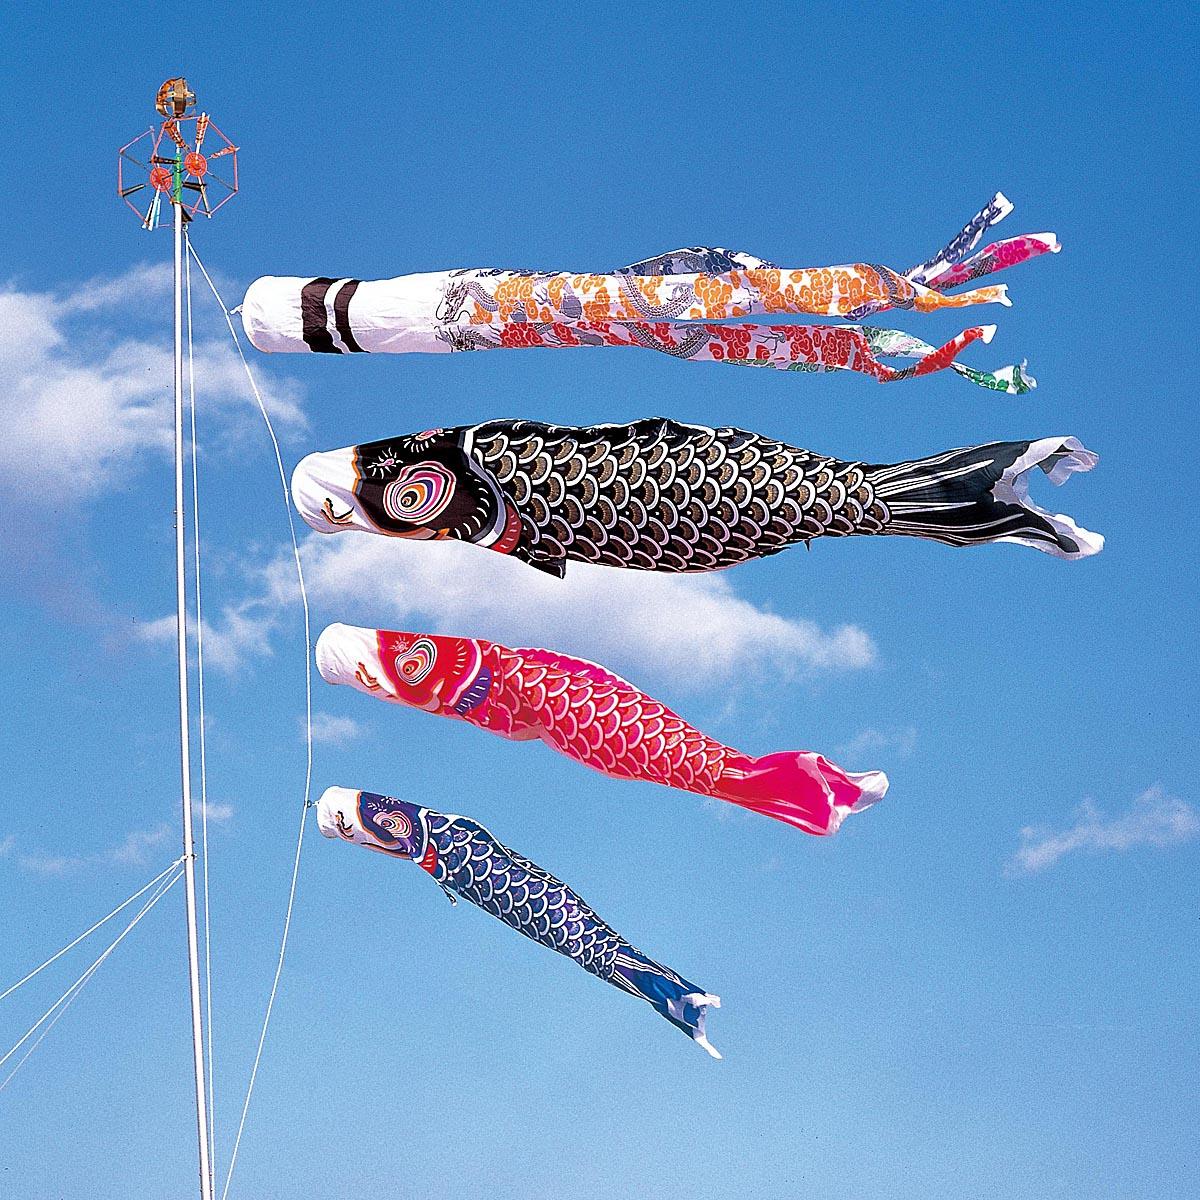 こいのぼり 庭用 さんさん鯉 4m 6点 (矢車、ロープ、吹流し、鯉3匹) マイホーム庭園用セット ダイヤ鯉 KOD-MY-734338